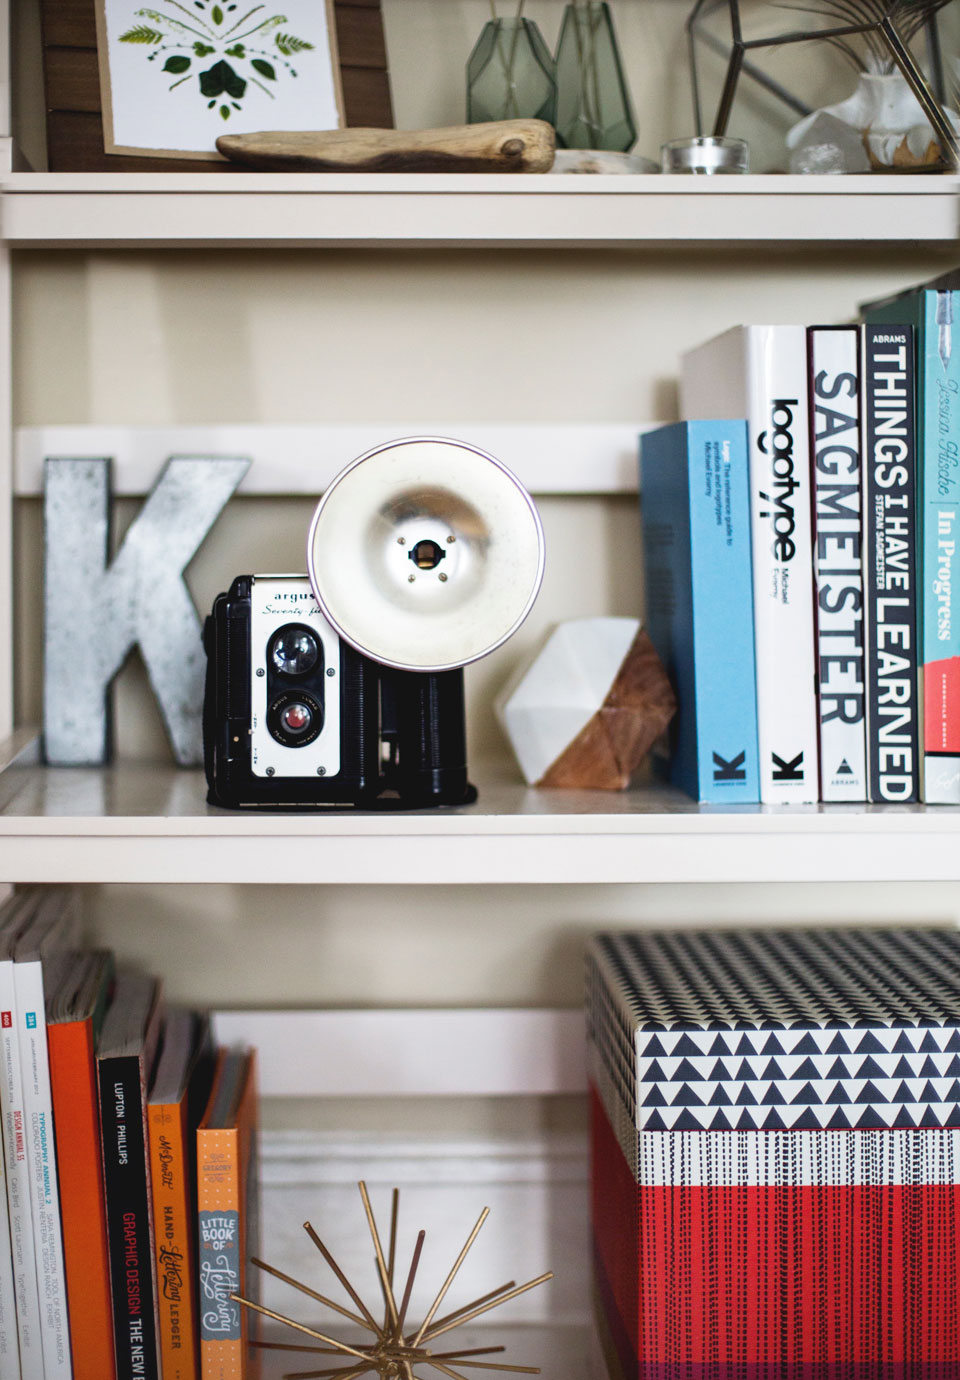 Bücher, die ihr lesen solltet, Buchtipps zur persönlichen Entwicklung, Must Reads, Buchtipps, Lesen, wundervolle Bücher, Weiterbildung, Leben, Gesundheit, Mindset, Achtsamkeit